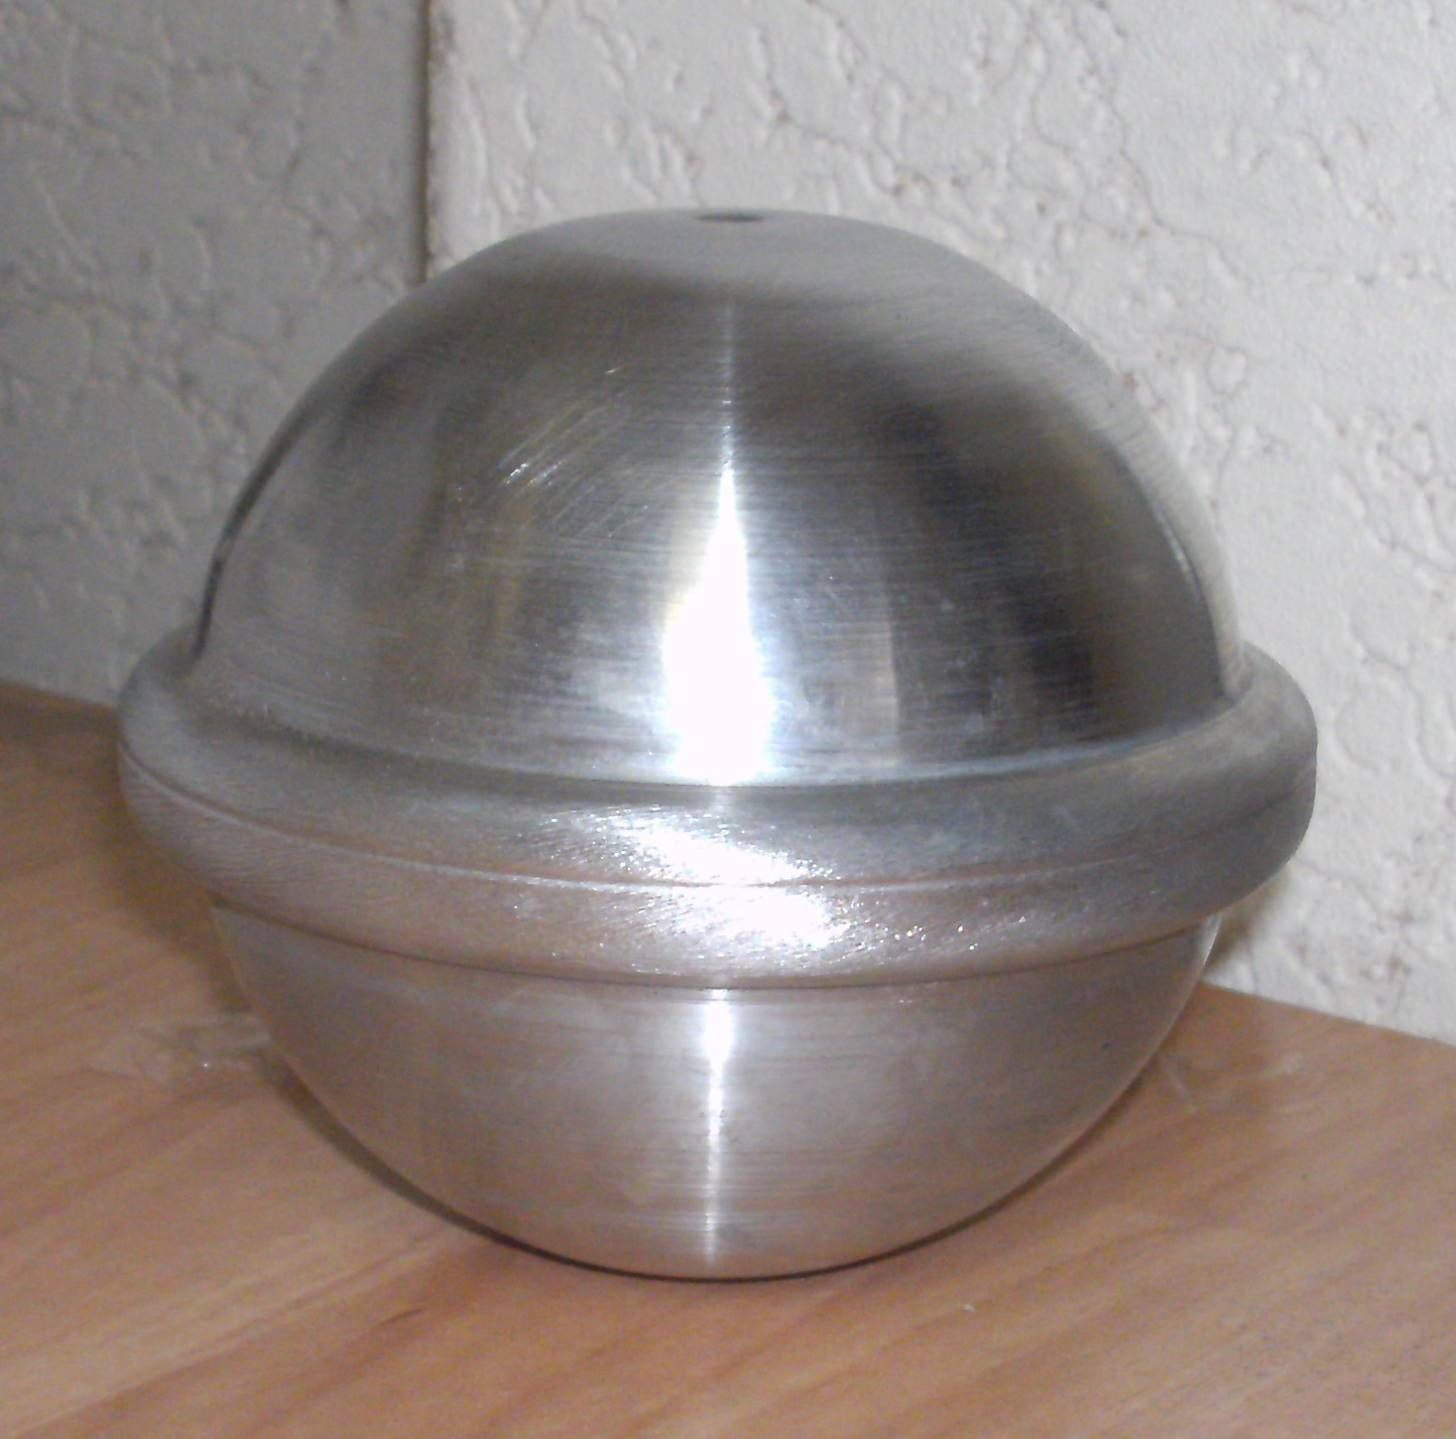 Kugel Zinkkugel Zink erhältlich mit Wulst oder ohne Wulst Ø 180 mm NEU